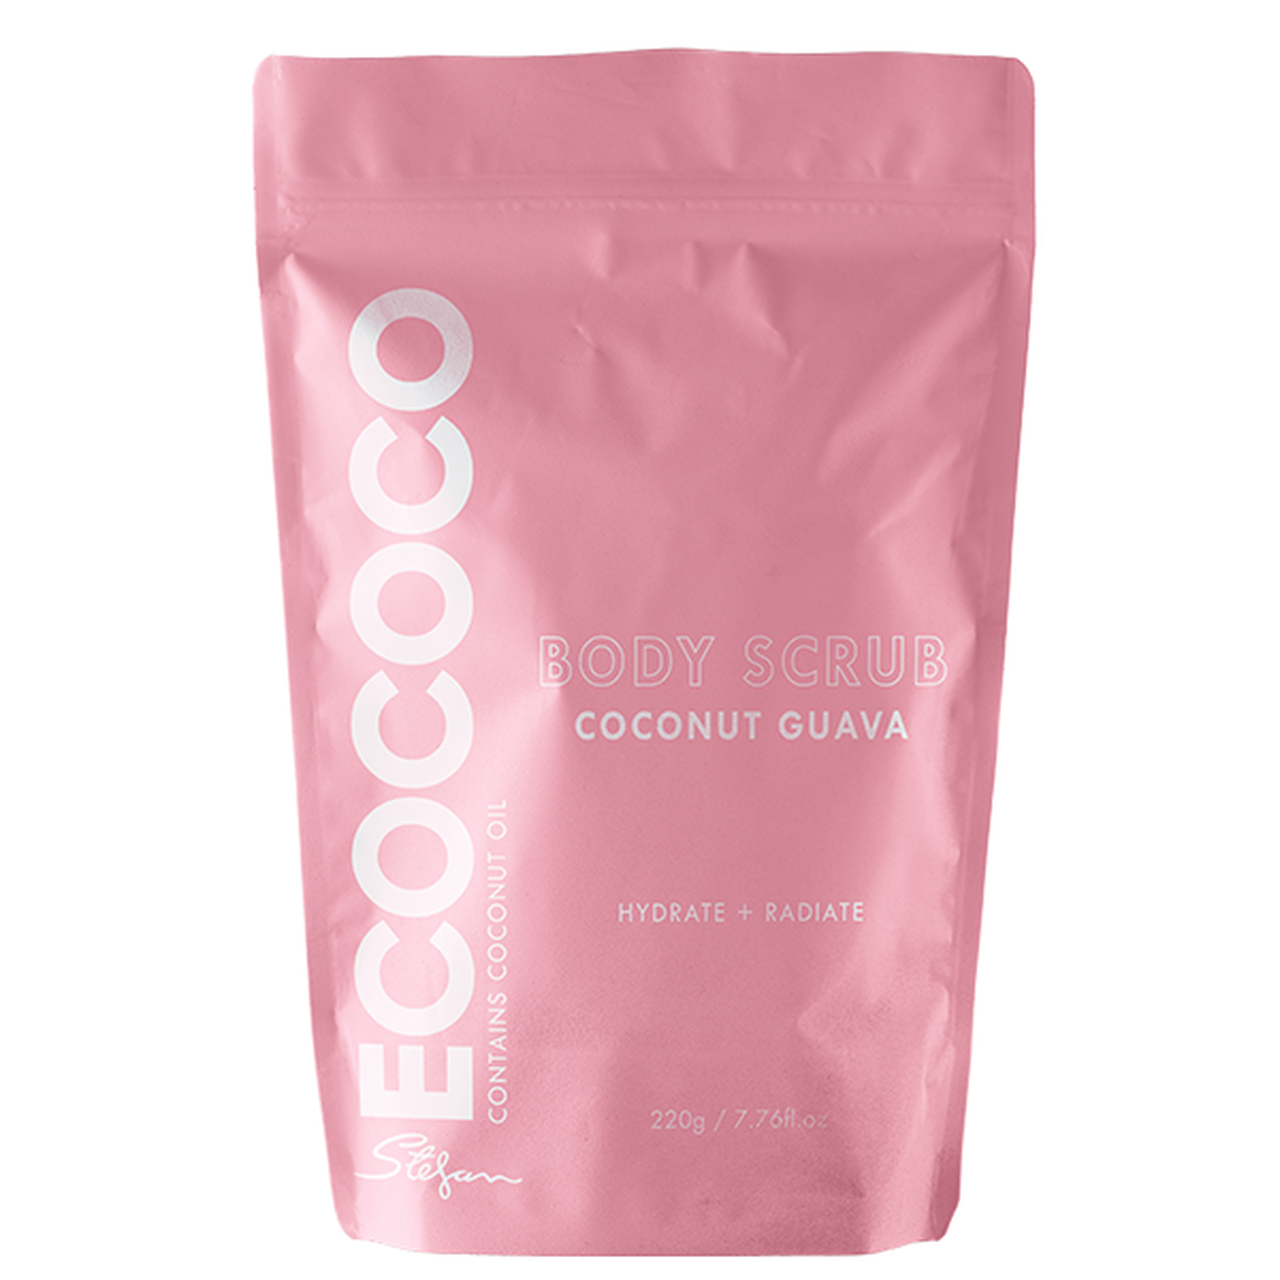 Соляной скраб для тела с экстрактом кокоса и гуавы Ecococo Coconut Guava Body Scrub 220 г